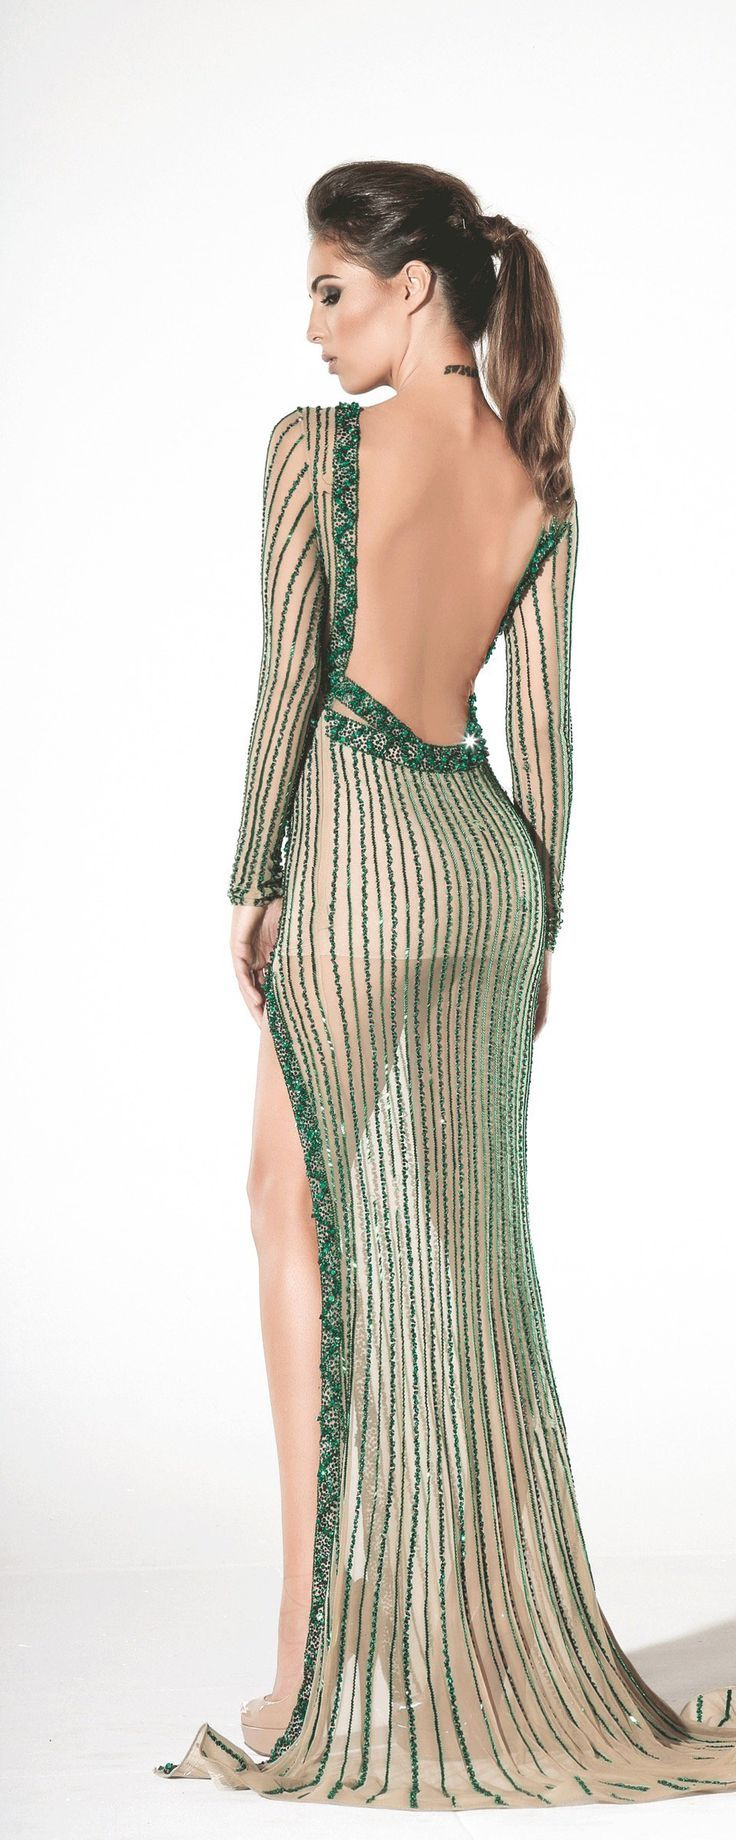 696967910397 Charbel Zoé Printemps-été 2016 - Haute couture… Skin Tight, Bodies, Backless